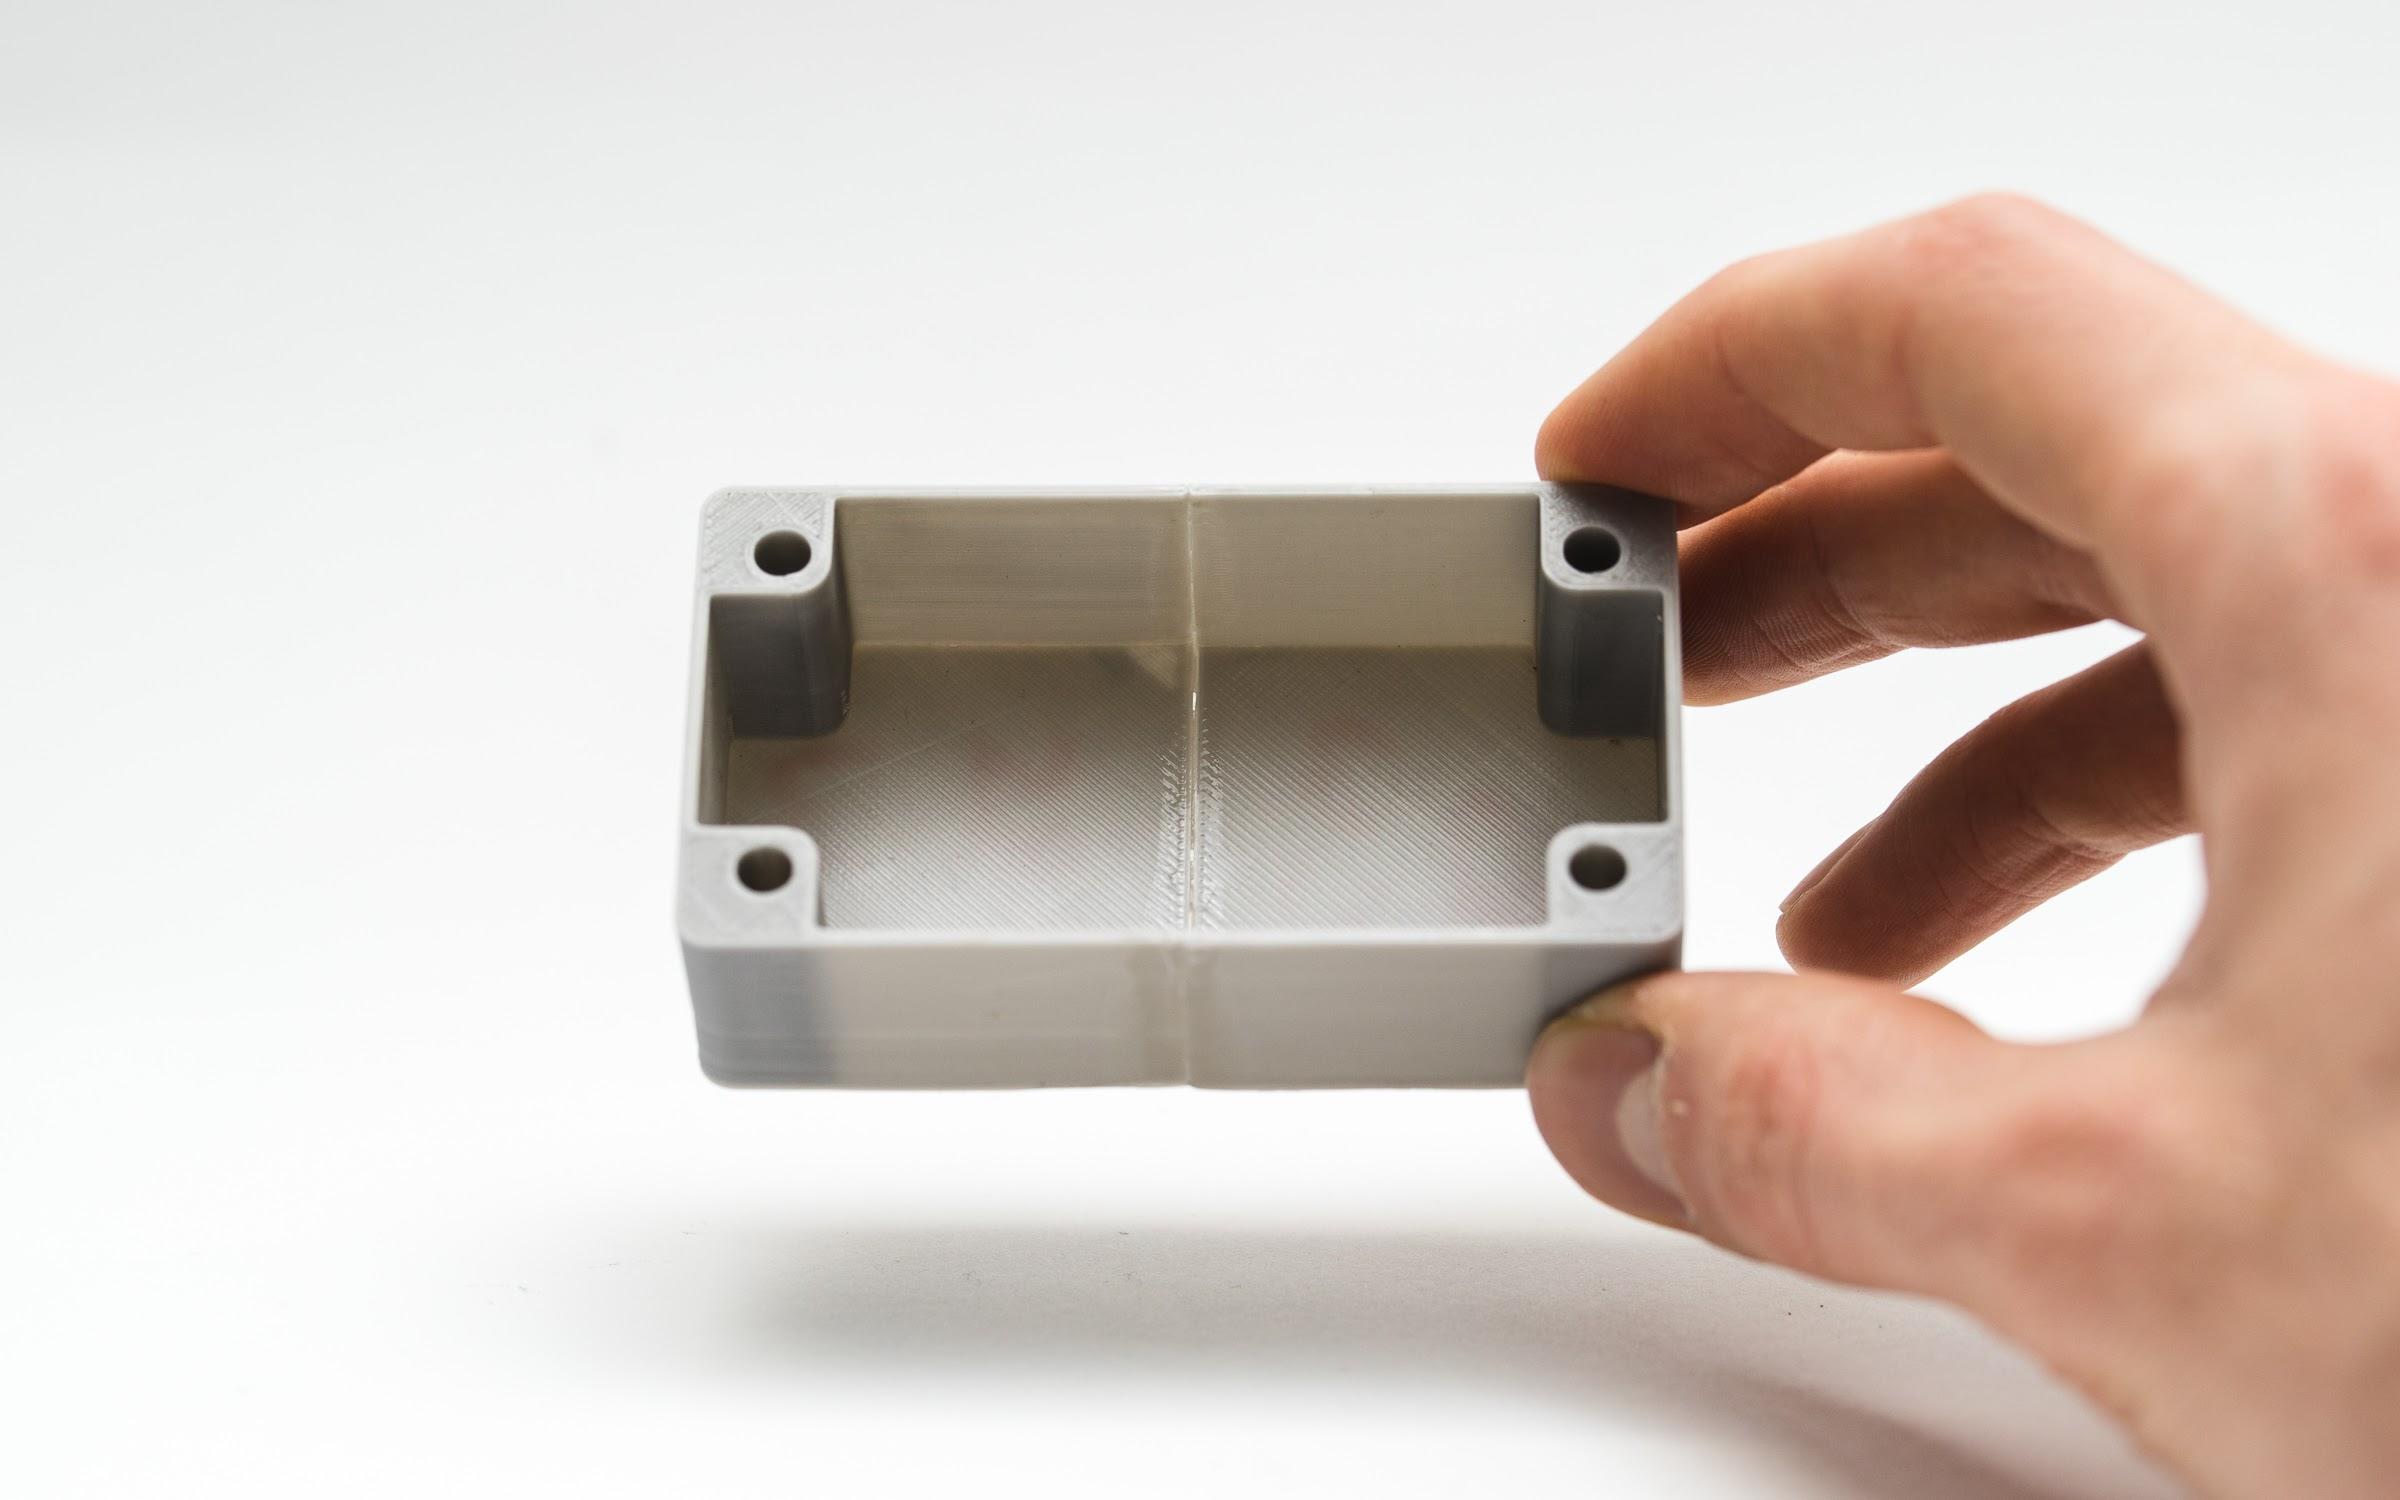 دو قطعه طوسی رنگ تولید شده توسط پرینتر سه بعدی FDM که با تکنیک جوش سرد به هم متصل شده اند.